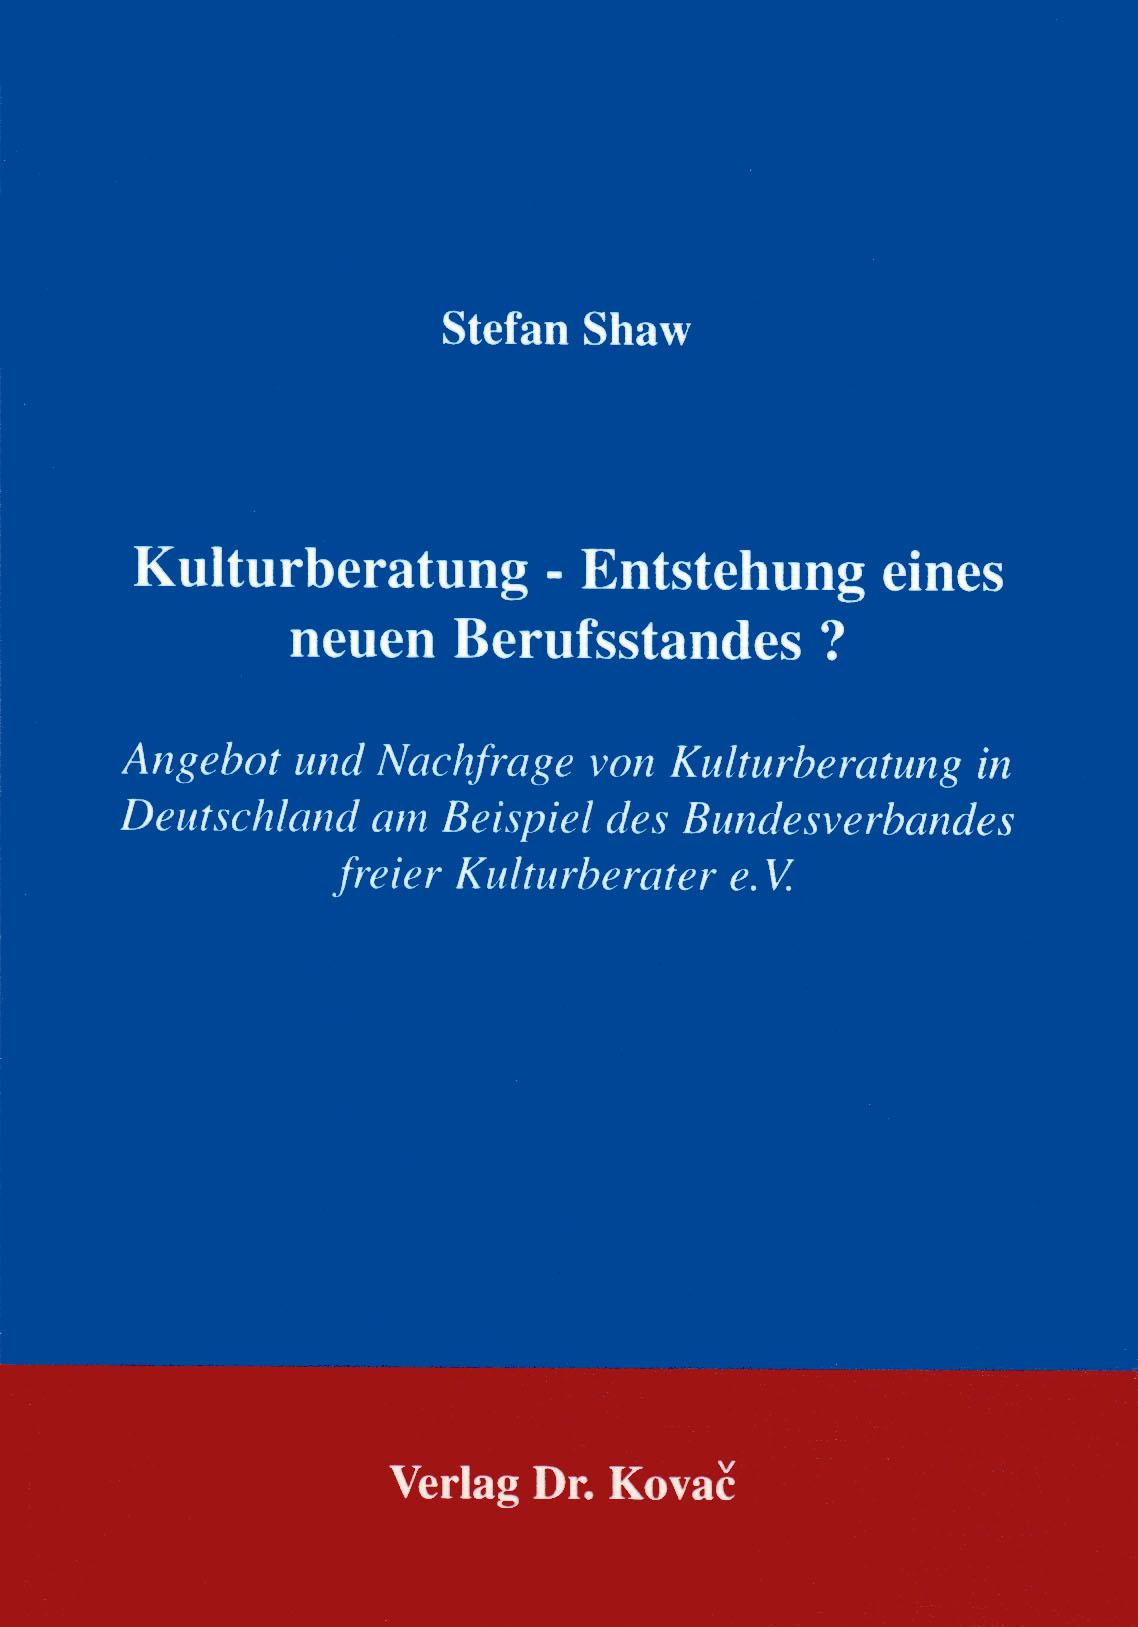 Cover: Kulturberatung - Entstehung eines neuen Berufsstandes?